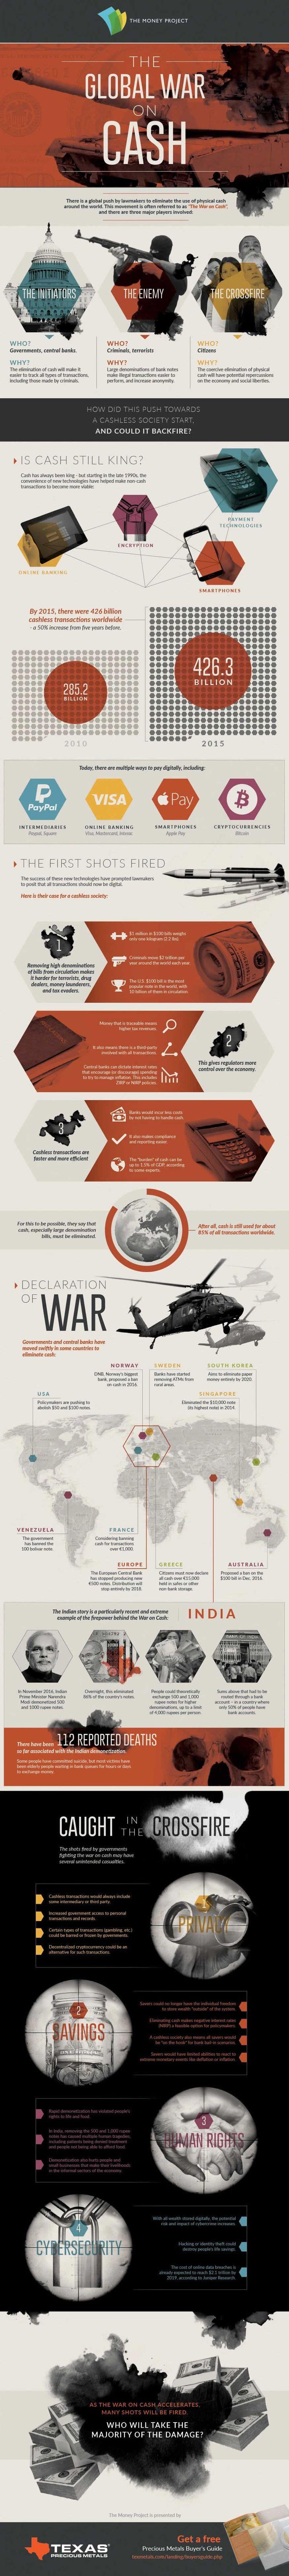 La Guerra Globale al Denaro Contante